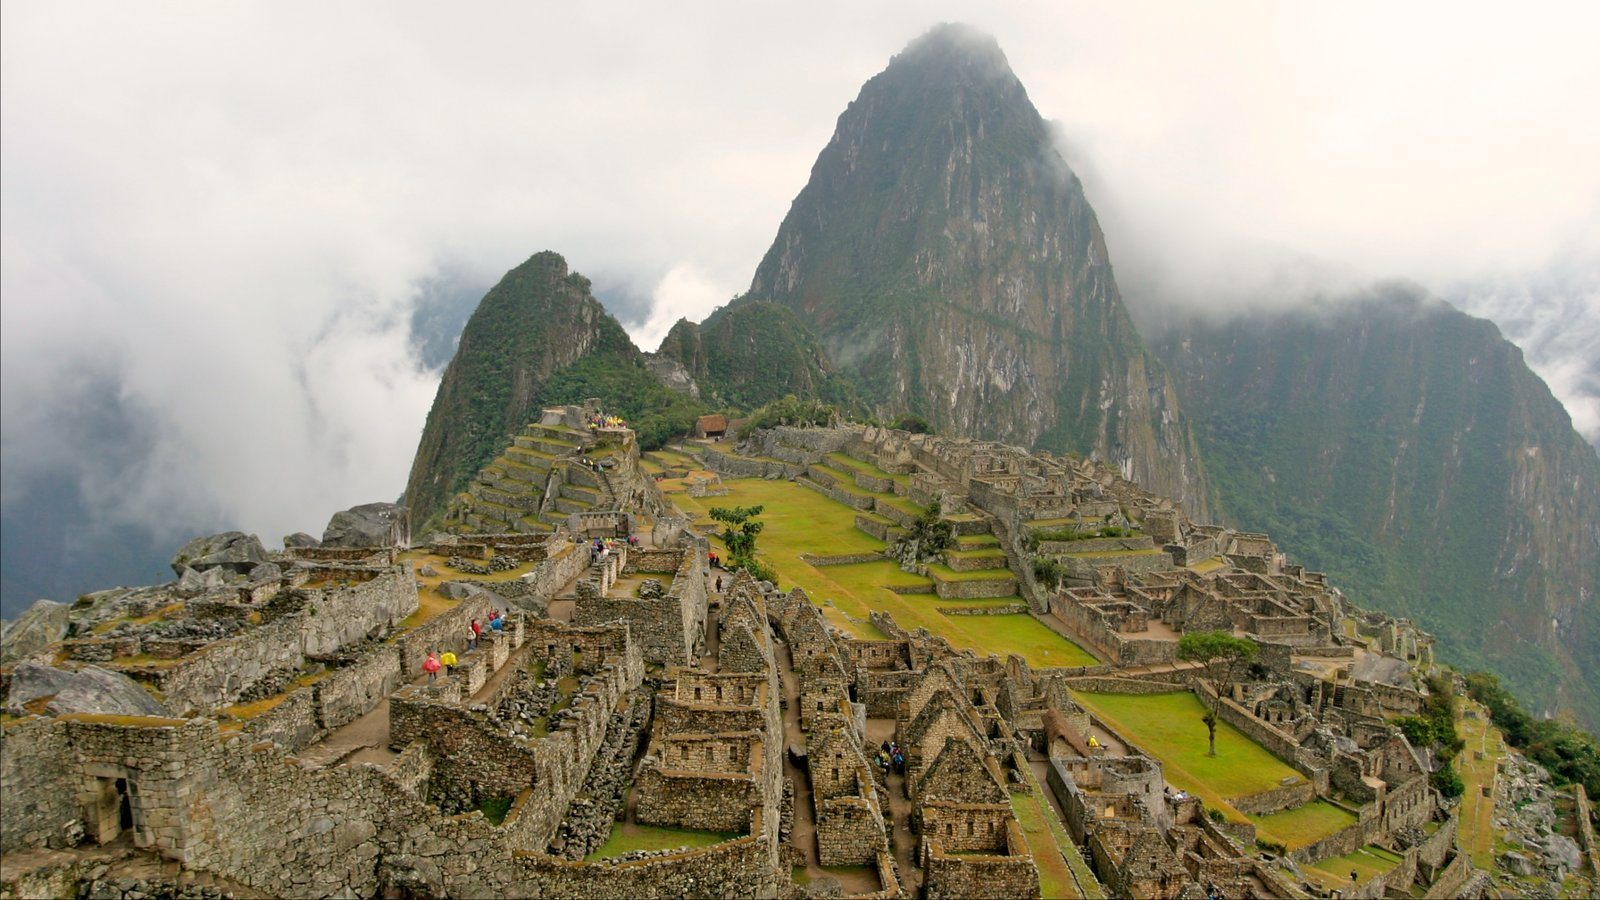 Huayna Picchu que inclui elementos de patrimônio, neblina e ruínas de edifício